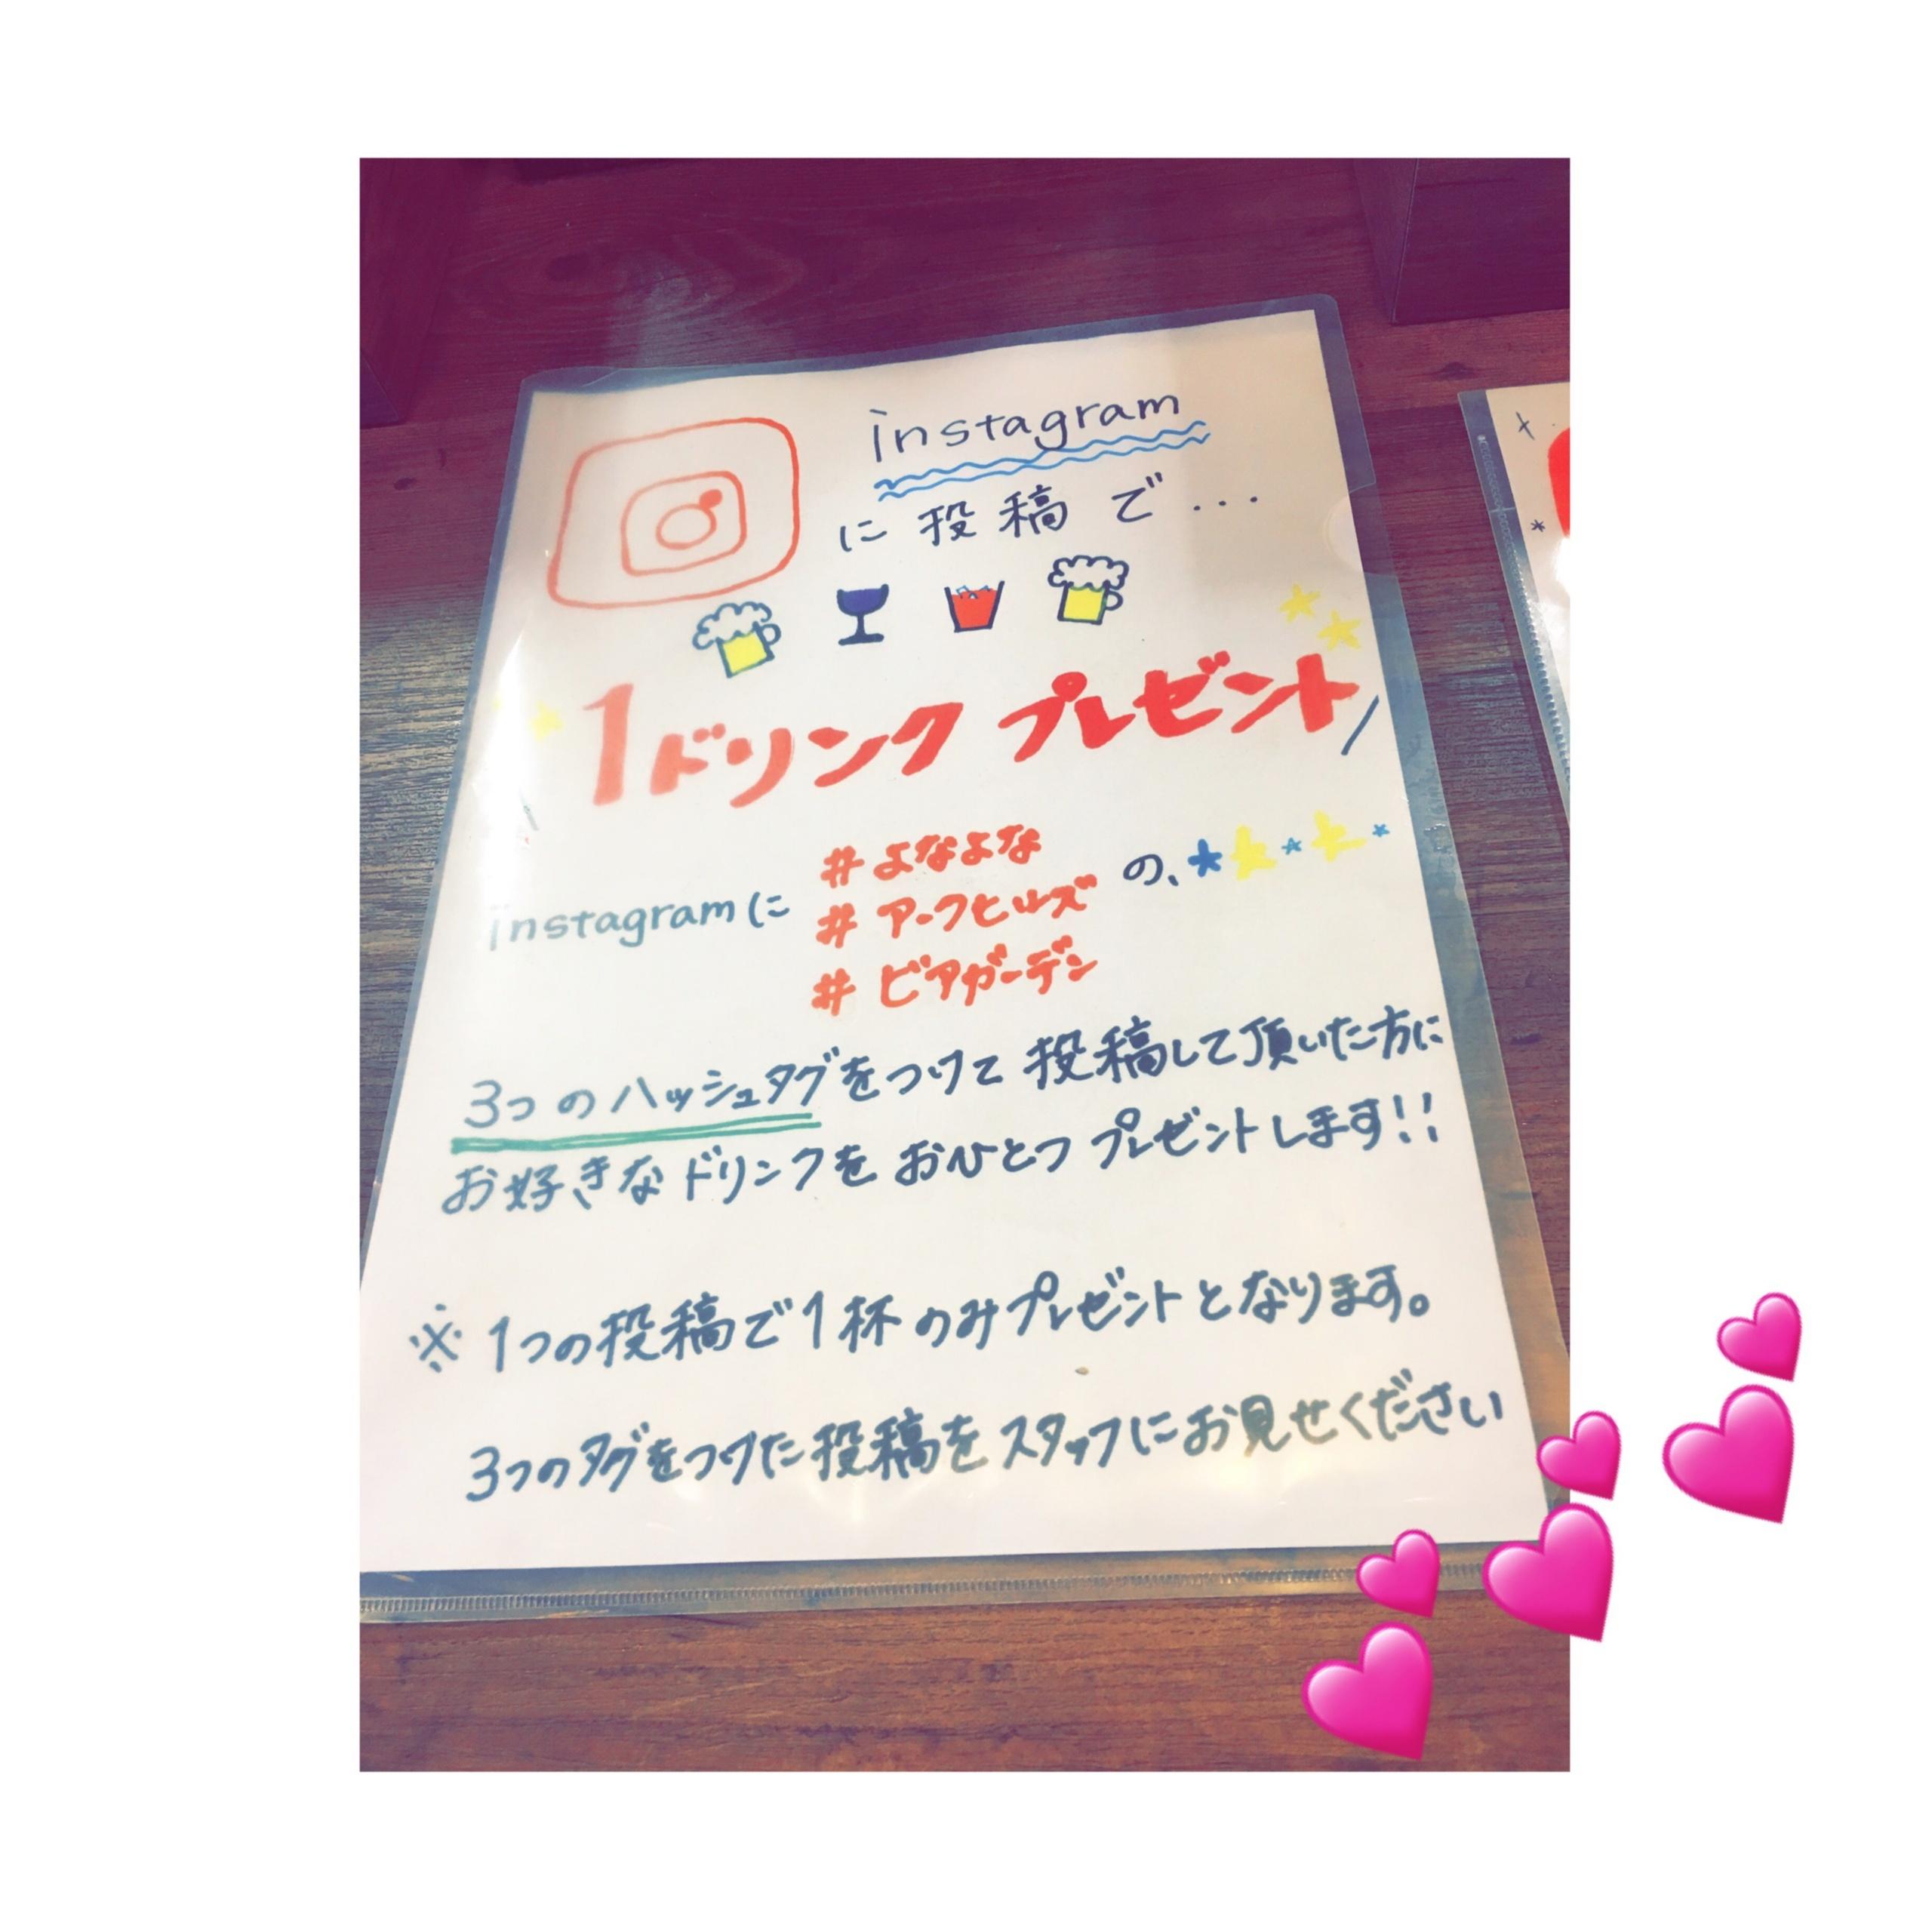 《インスタ映え★フォトジェニック❤️》【ビアガ女子会】YONA YONA BEER GARDEN♡インスタ投稿で1杯無料キャンペーンも!_4